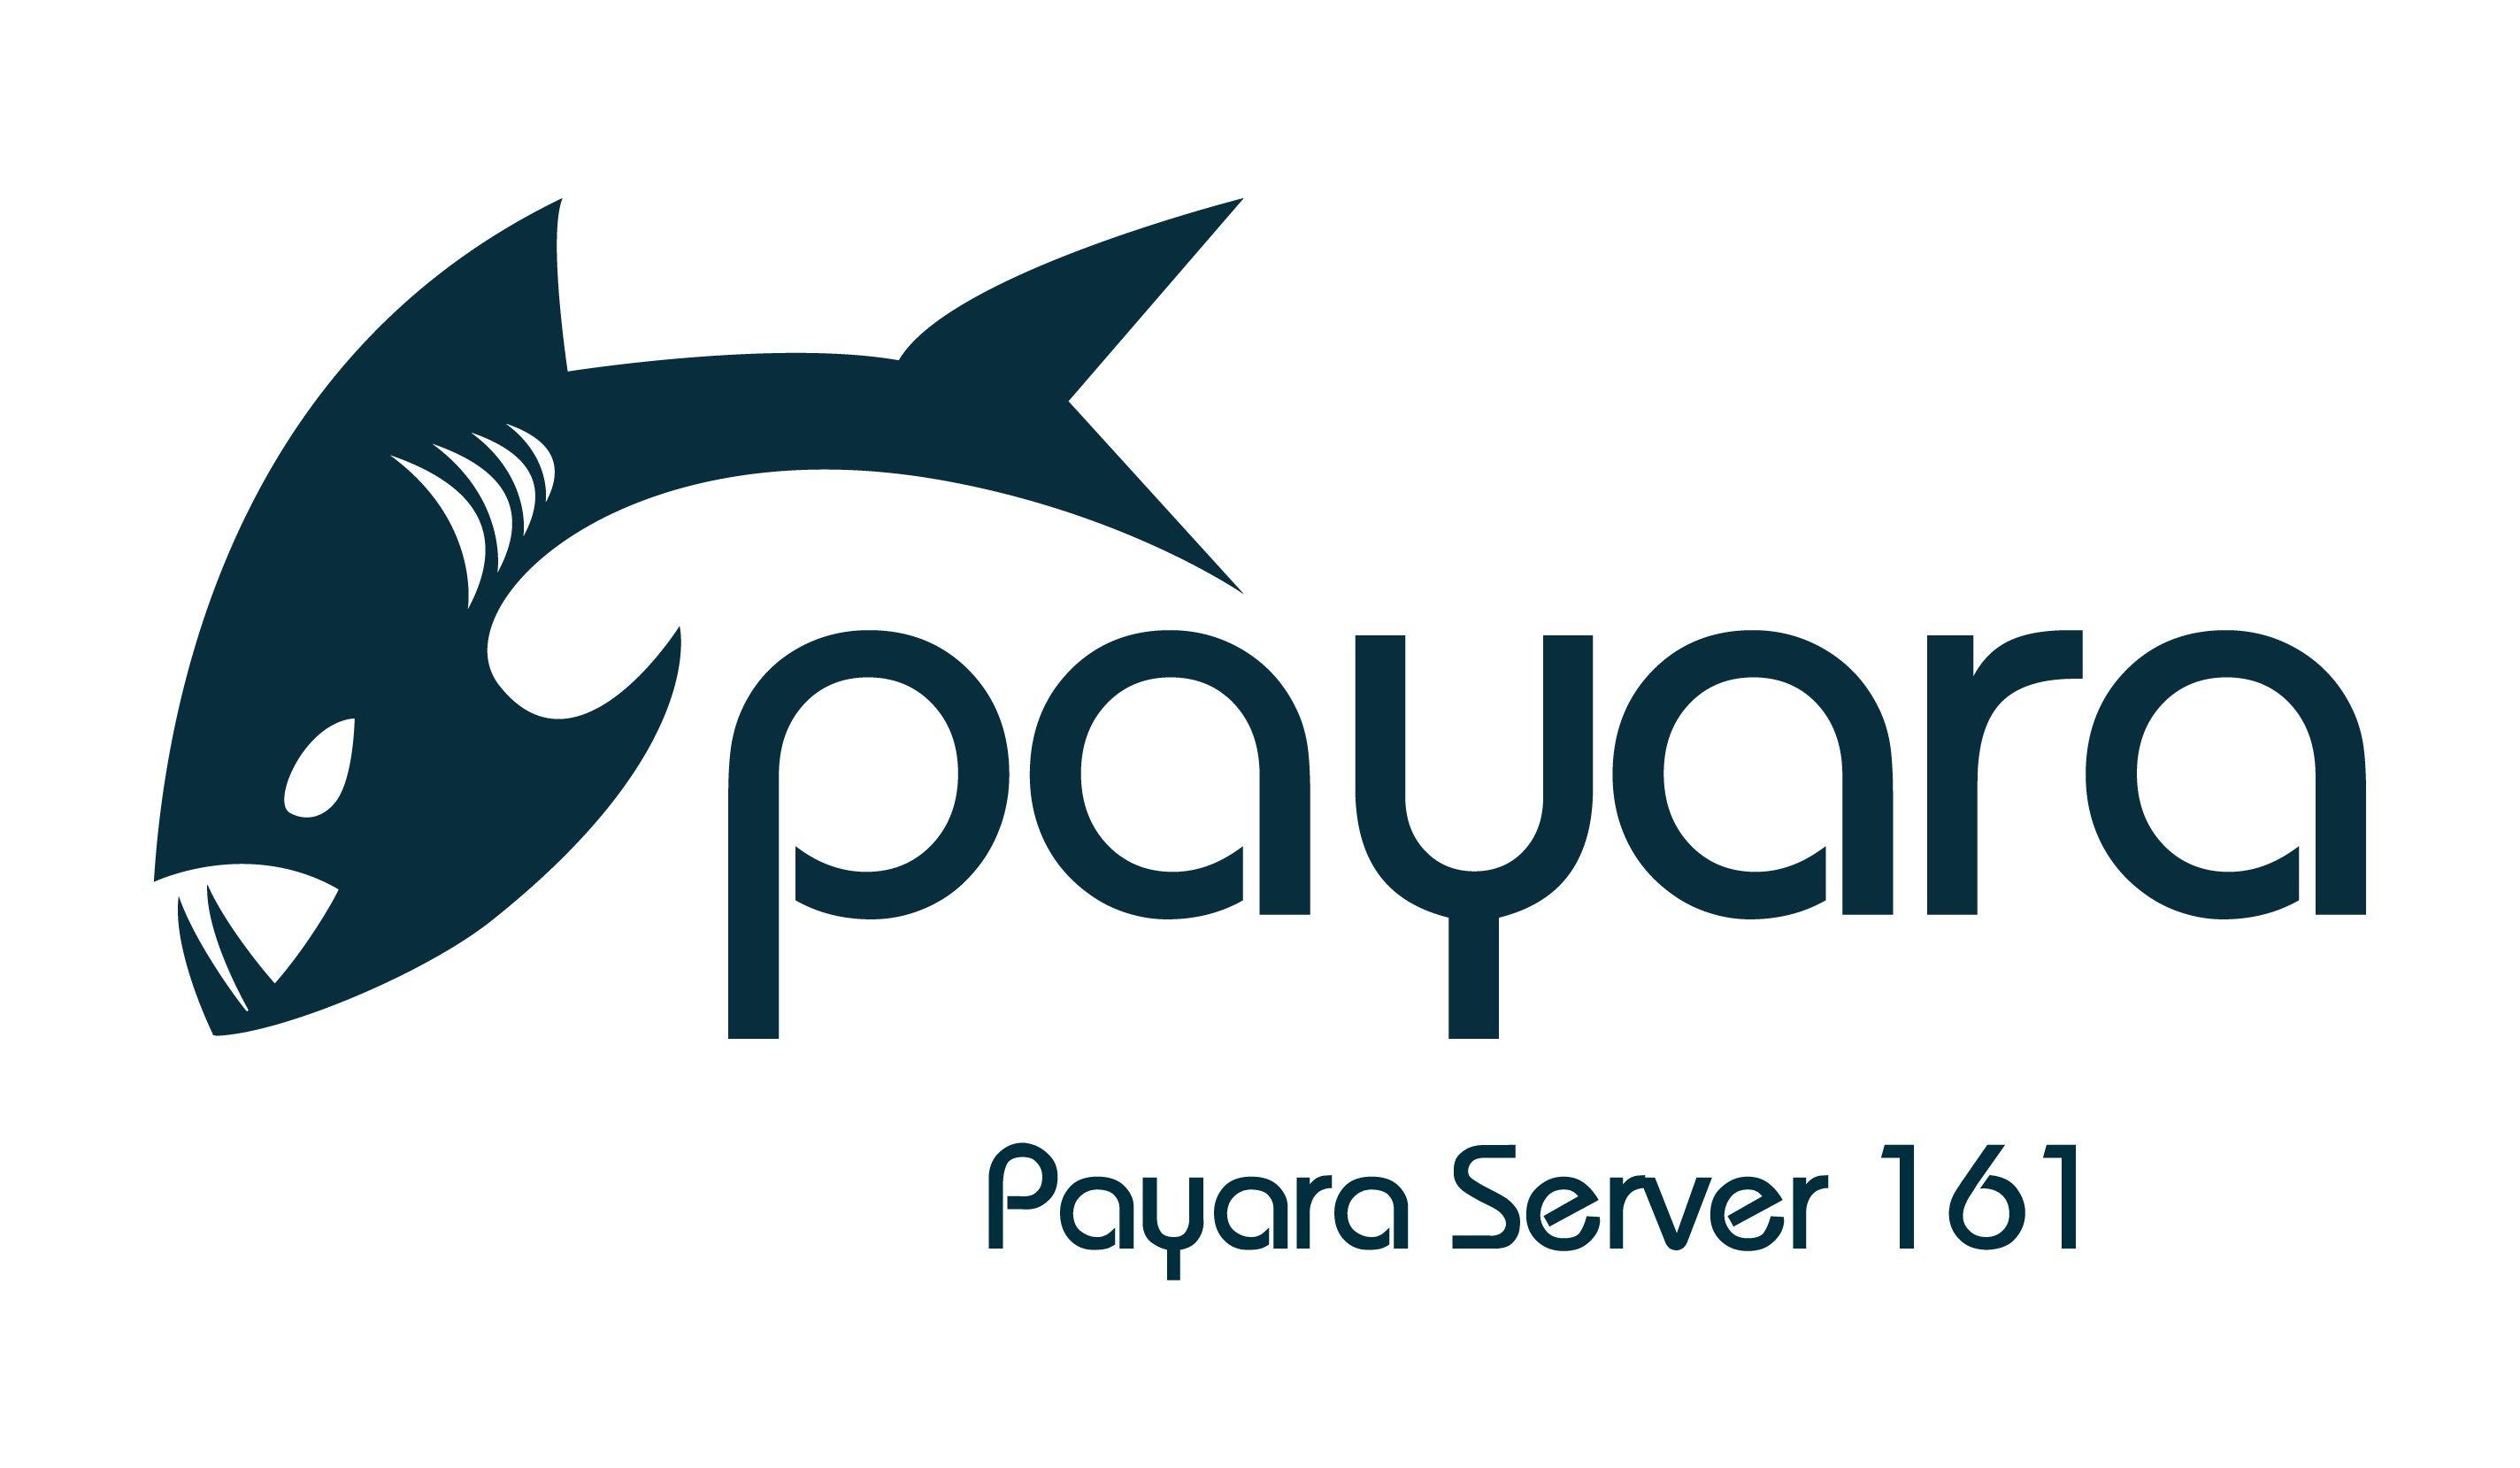 Payara Server 161